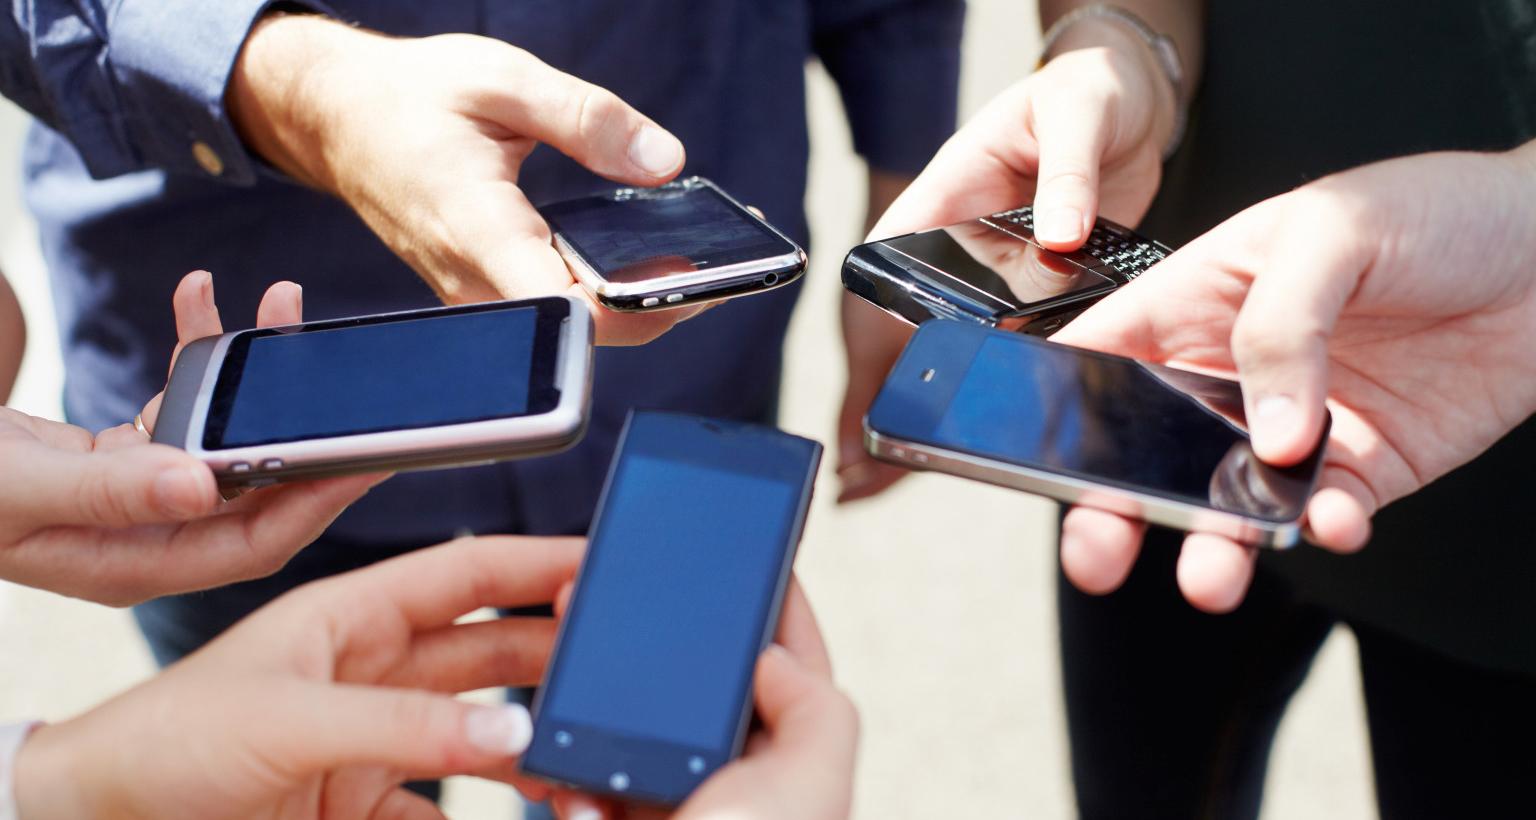 smartphone telefonos usuarios llamadas